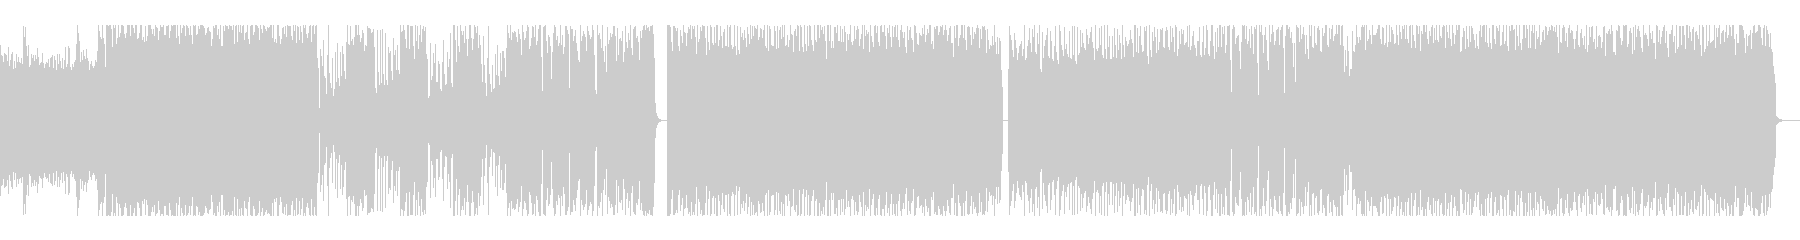 ゴリゴリエレキギターのインスト曲の未再生の波形